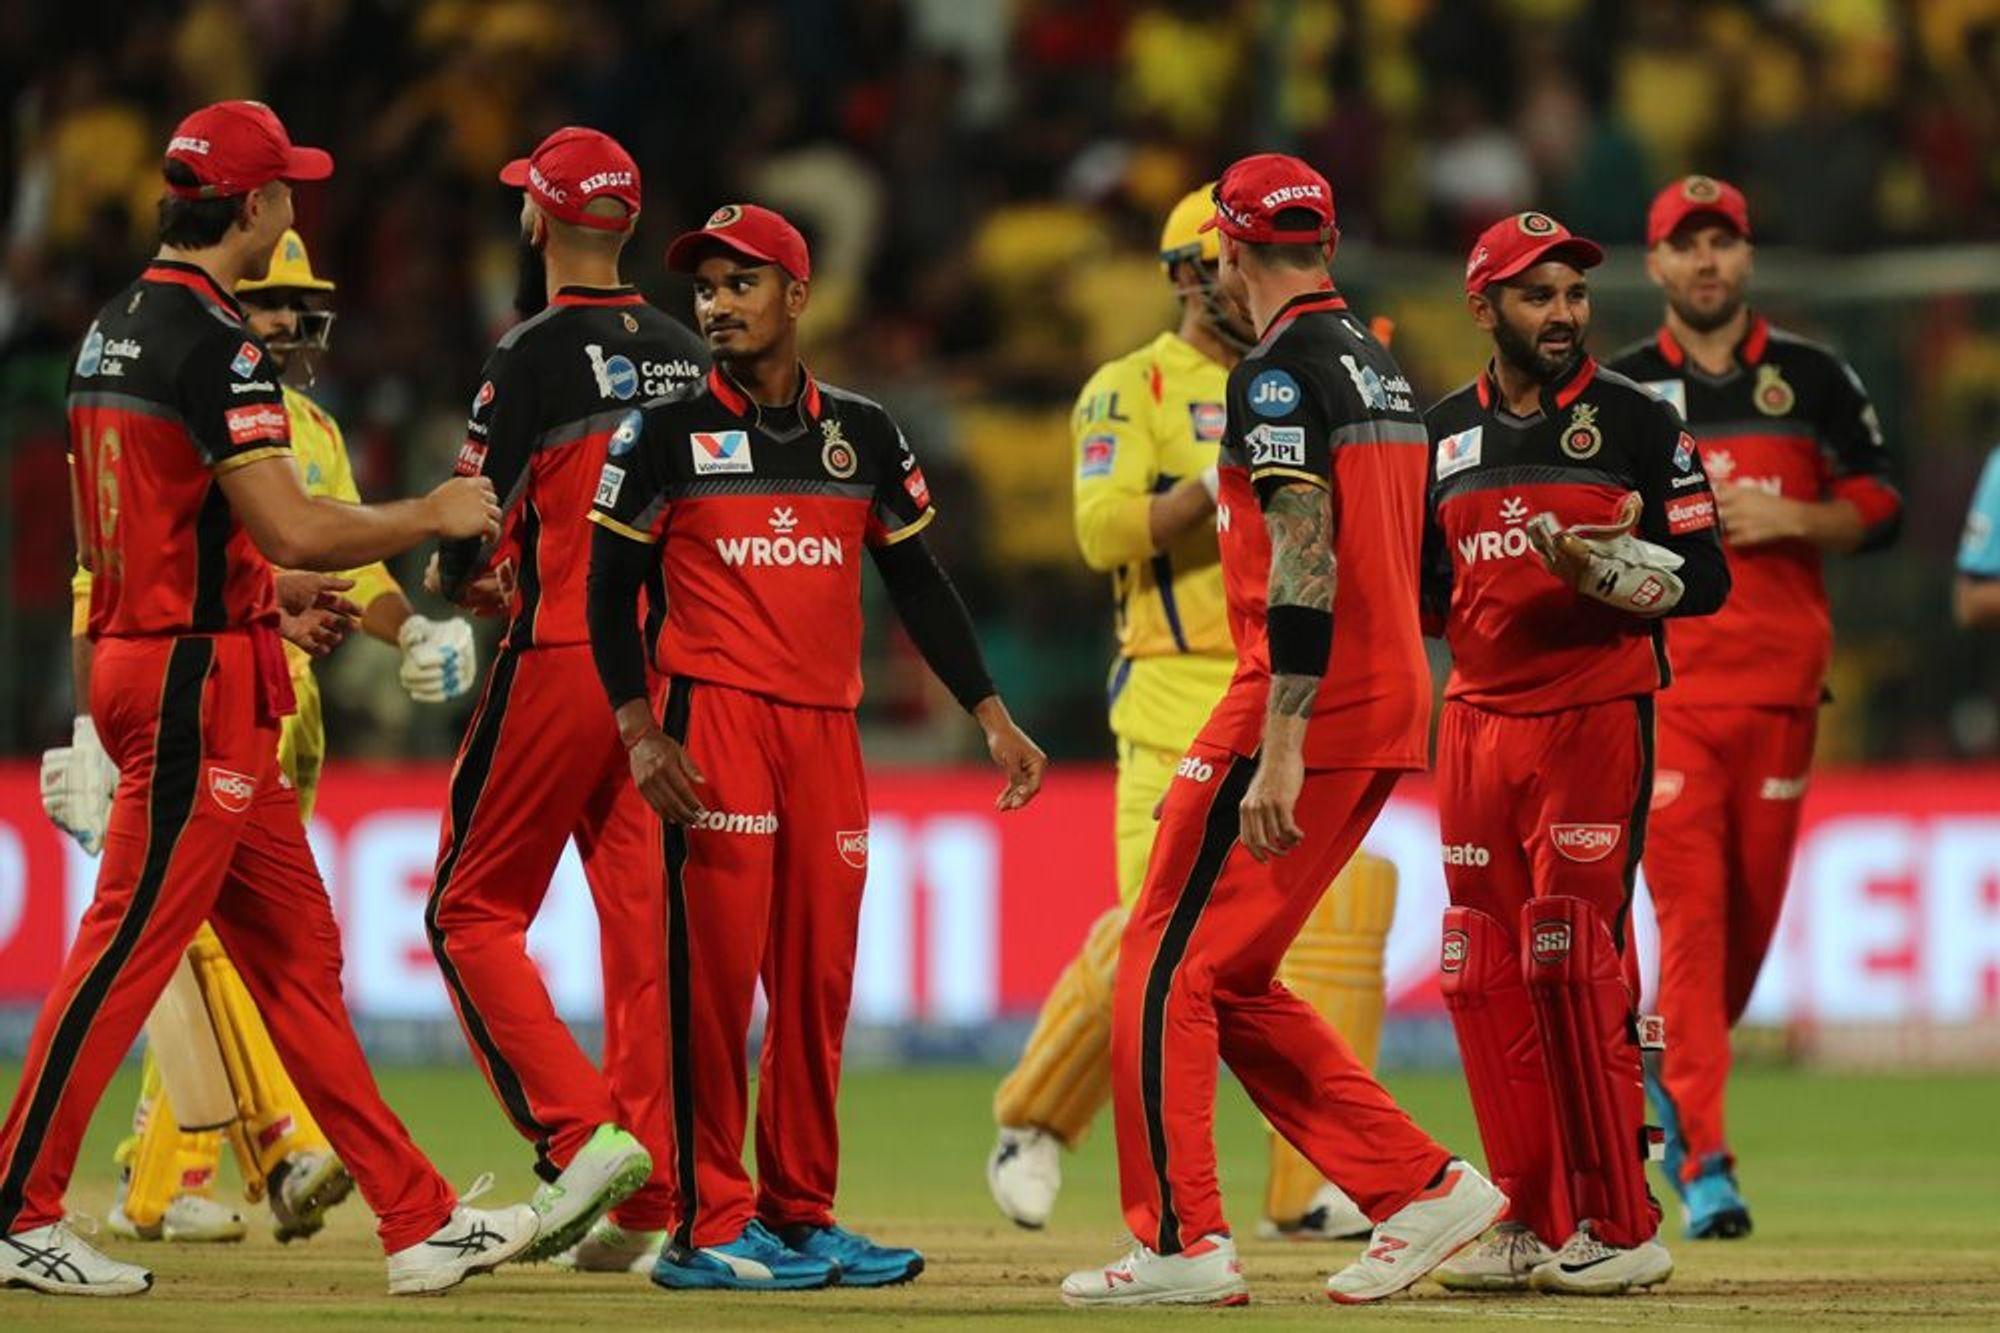 IPL 2019: संन्यास लेने तक रॉयल चैलेंजर्स बैंगलोर से खेलना चाहता है यह खिलाड़ी 7